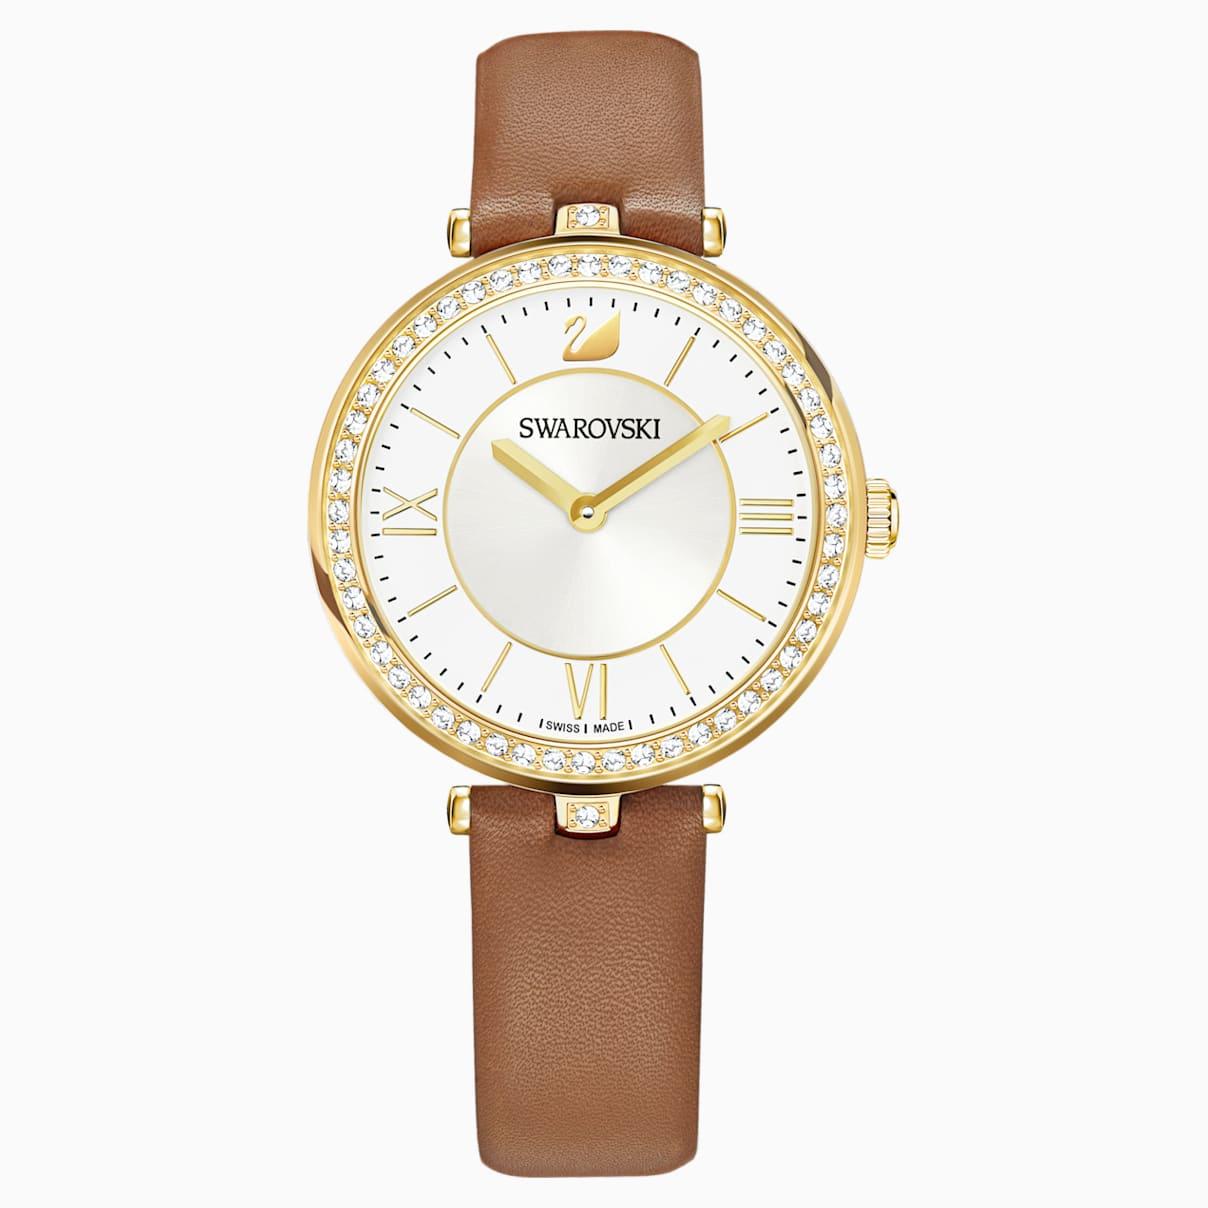 Swarovski Aila Dressy Lady Watch, Leather strap, Brown, Gold-tone PVD